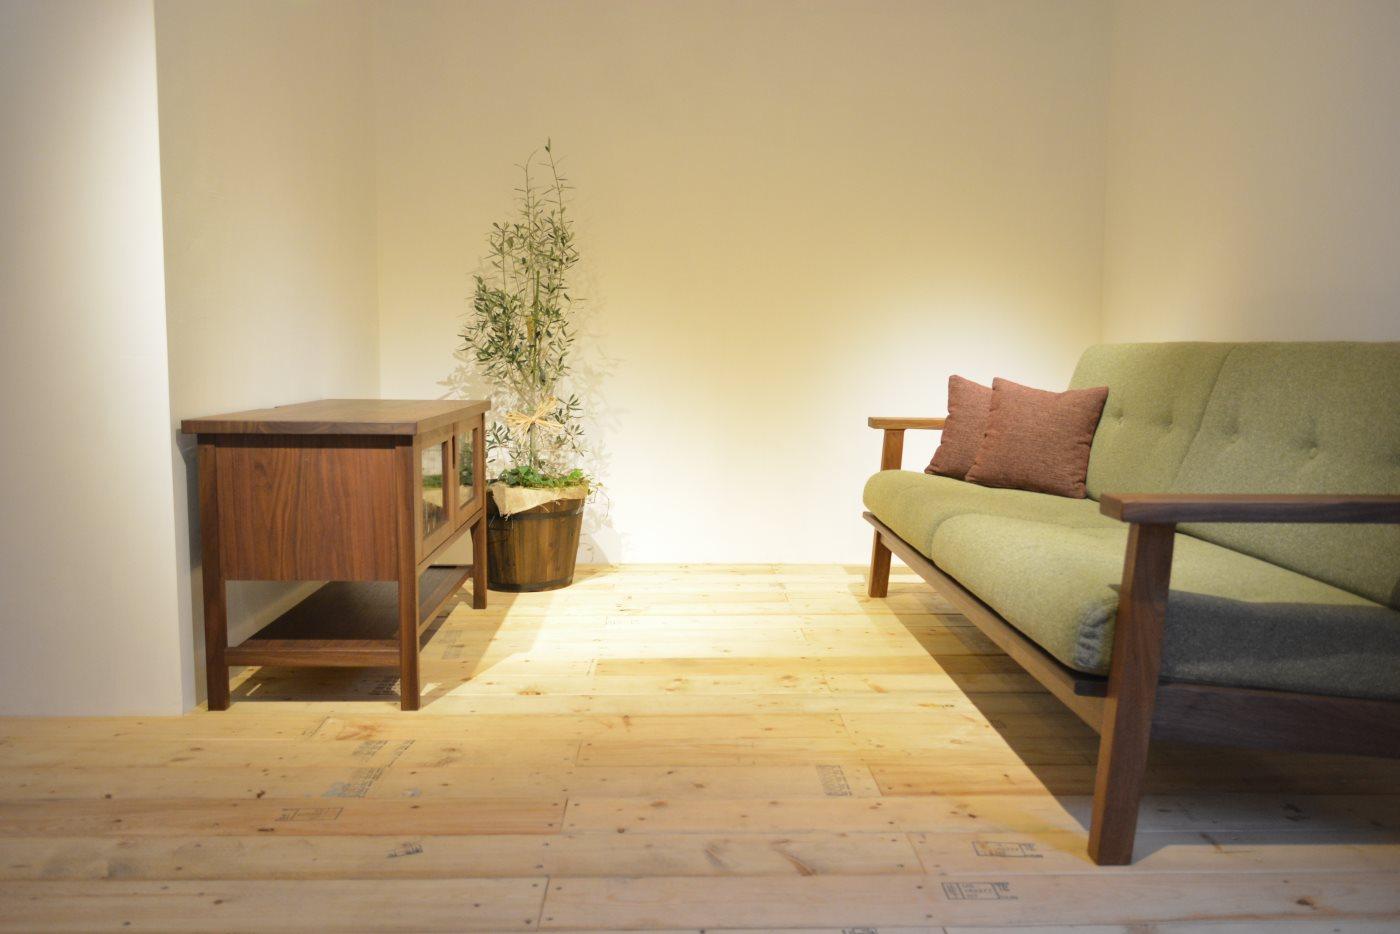 このシーンと似ているコーディネートシーン画像(ナチュラルリビング377|Block Atelier furniture(ブロックアトリエファニチャー))